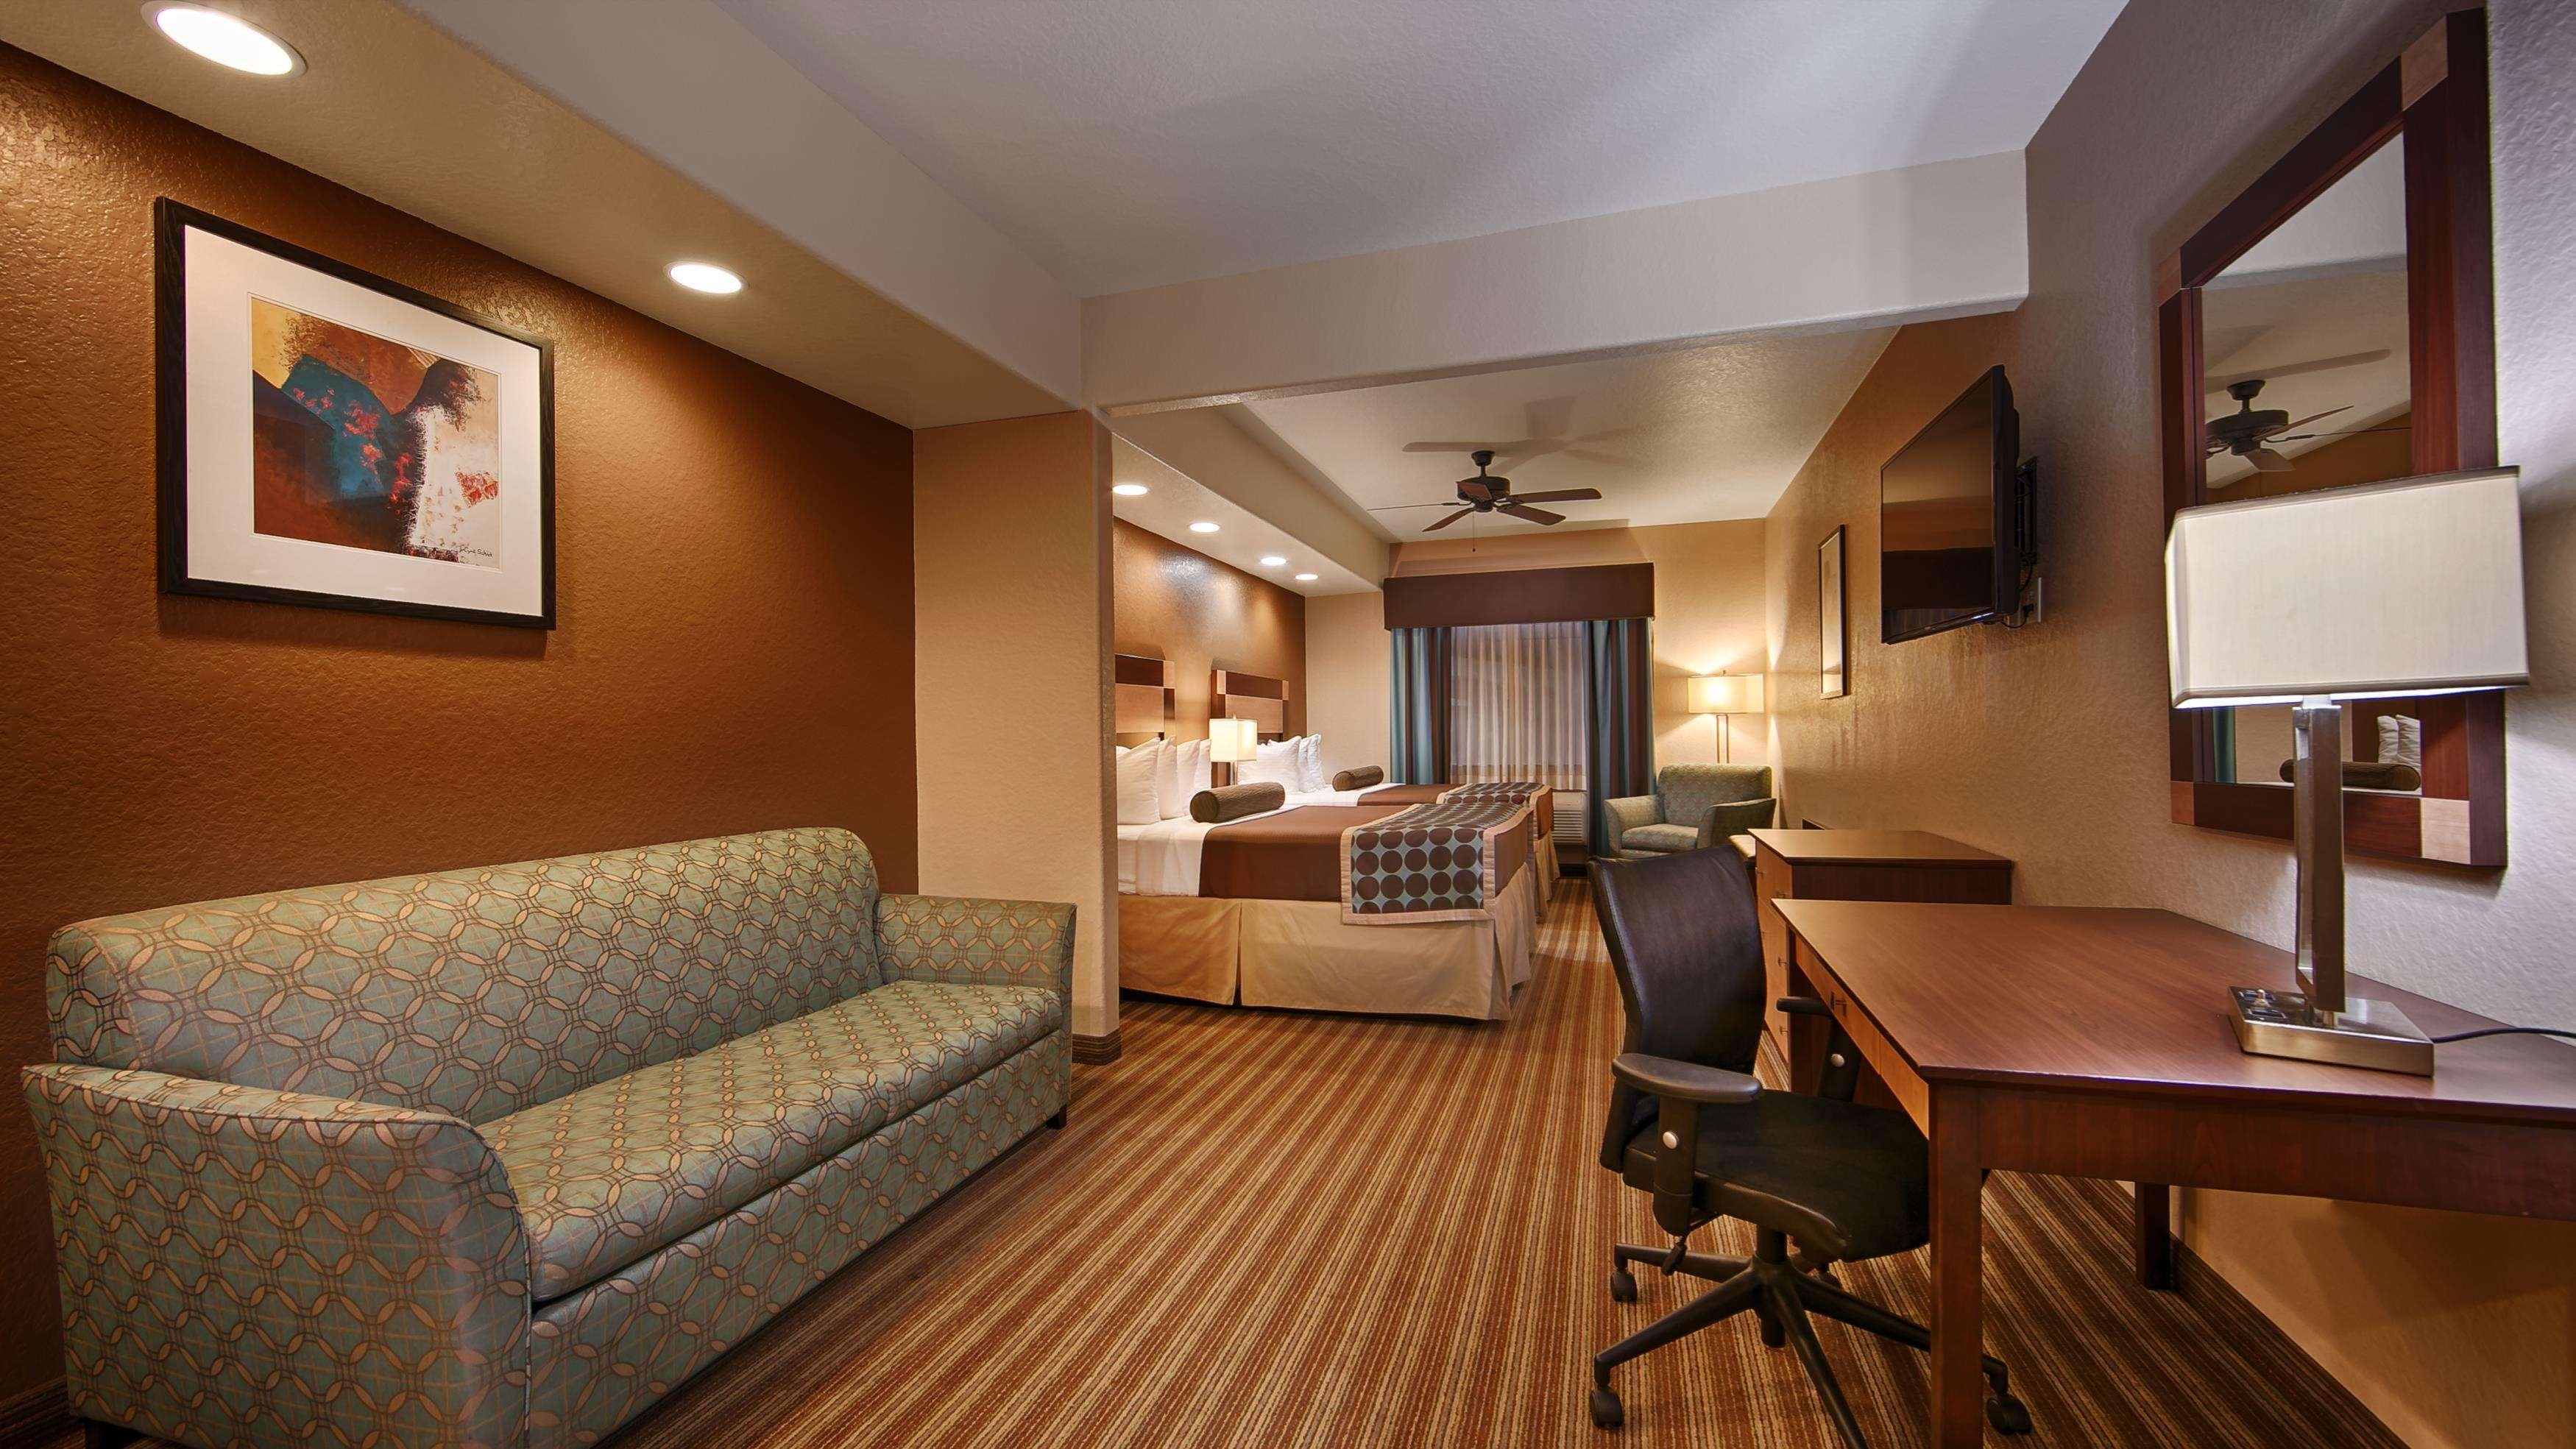 Best Western Plus Palo Alto Inn & Suites image 4